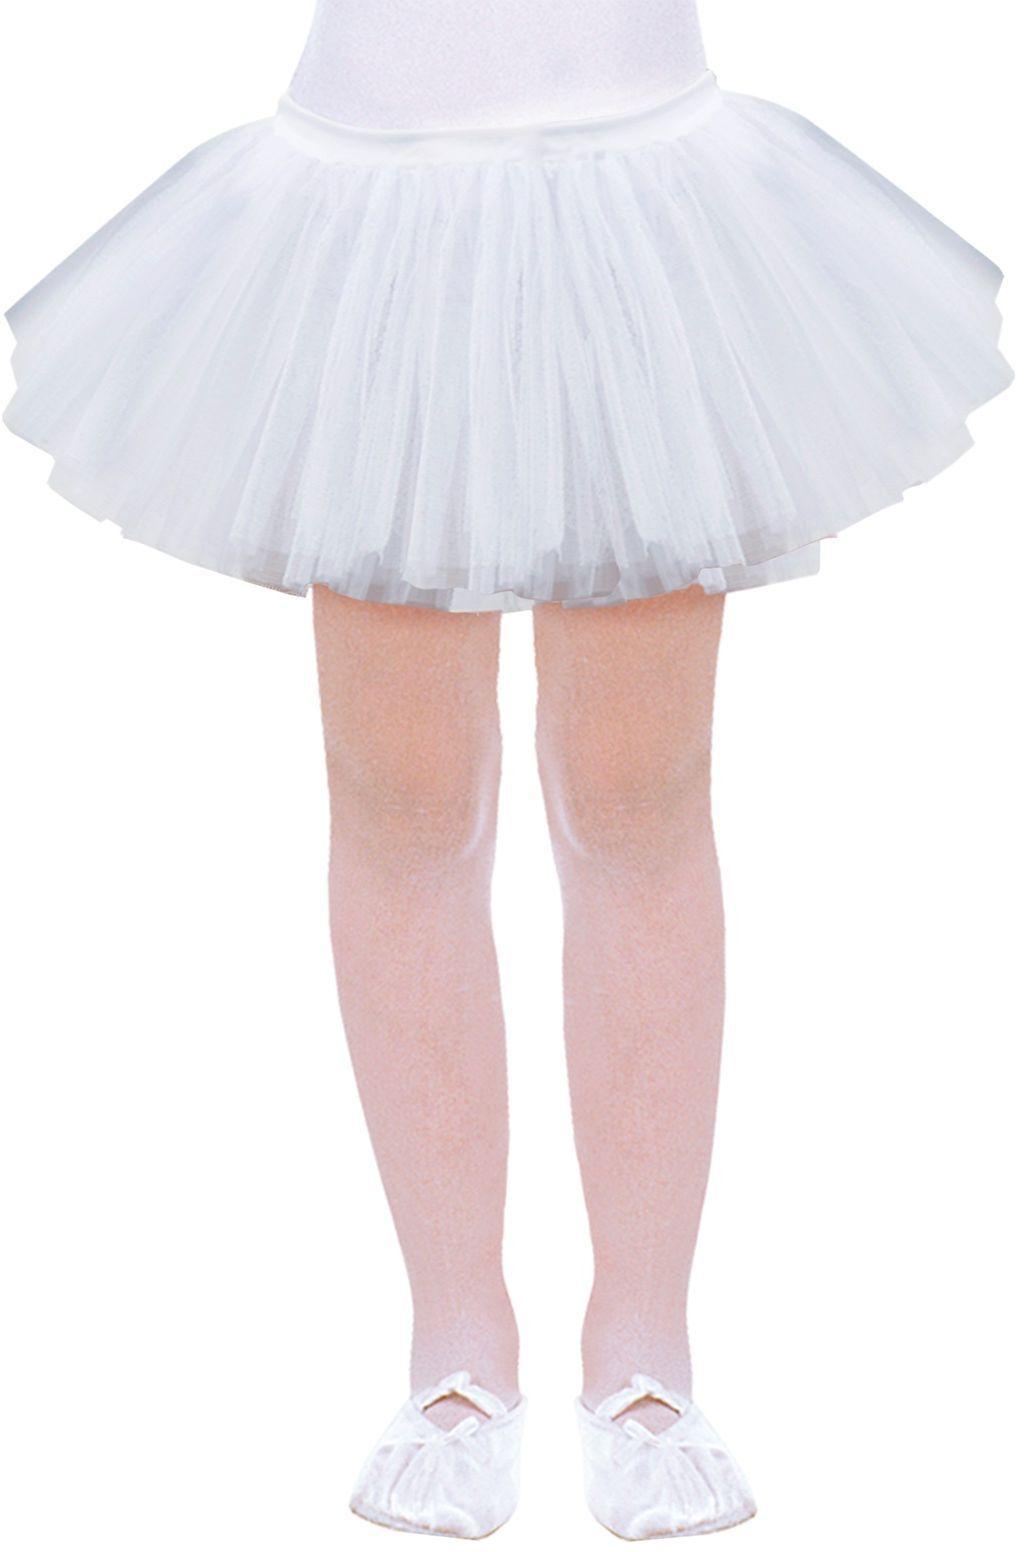 Witte ballerina rokje